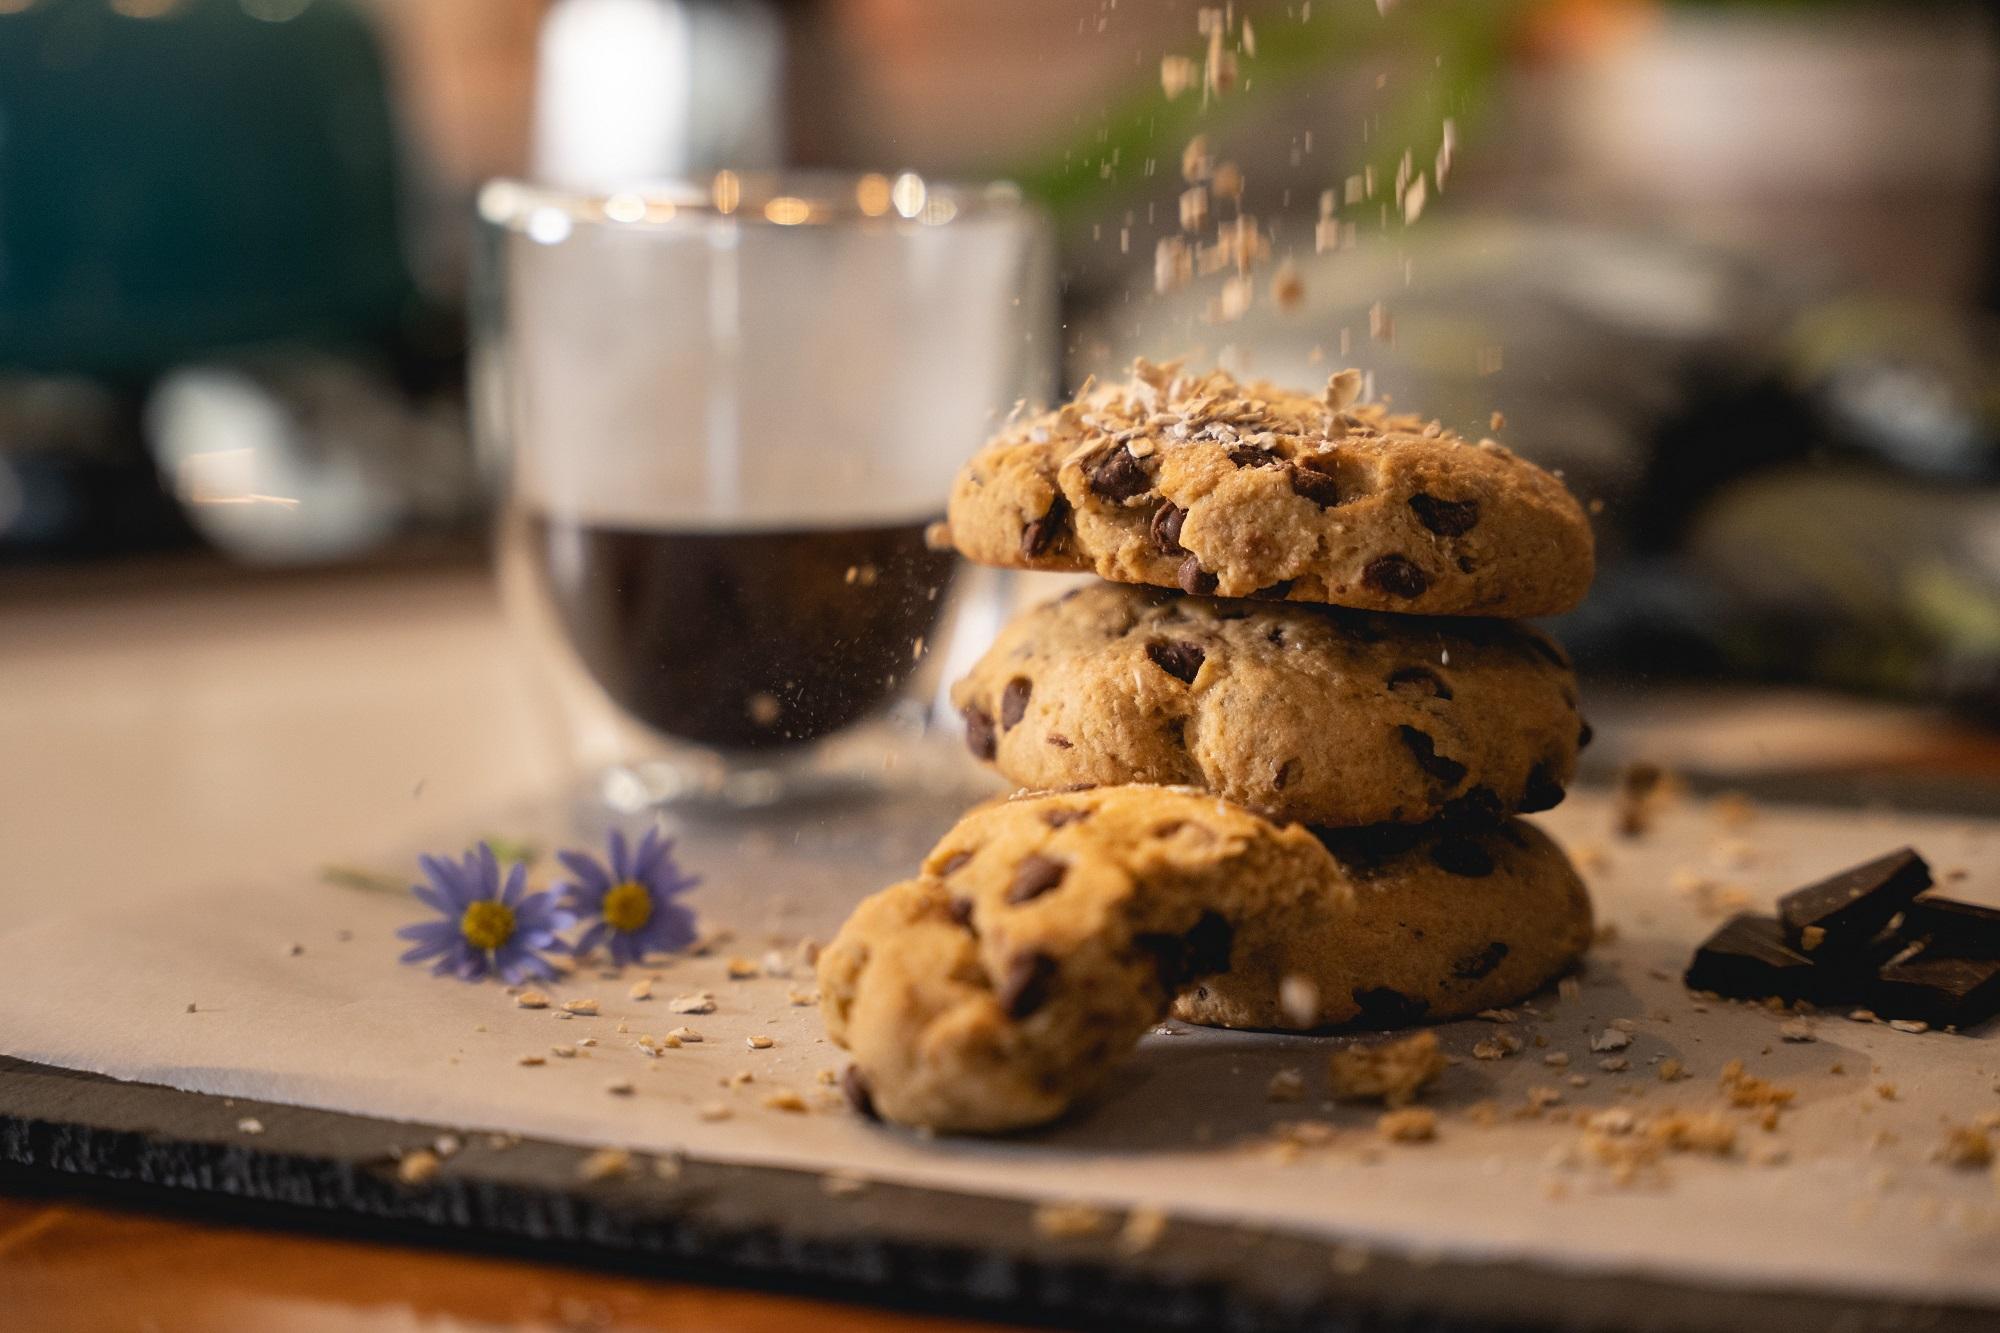 Kepekli un tatlı tariflerinde kullanılır mı?